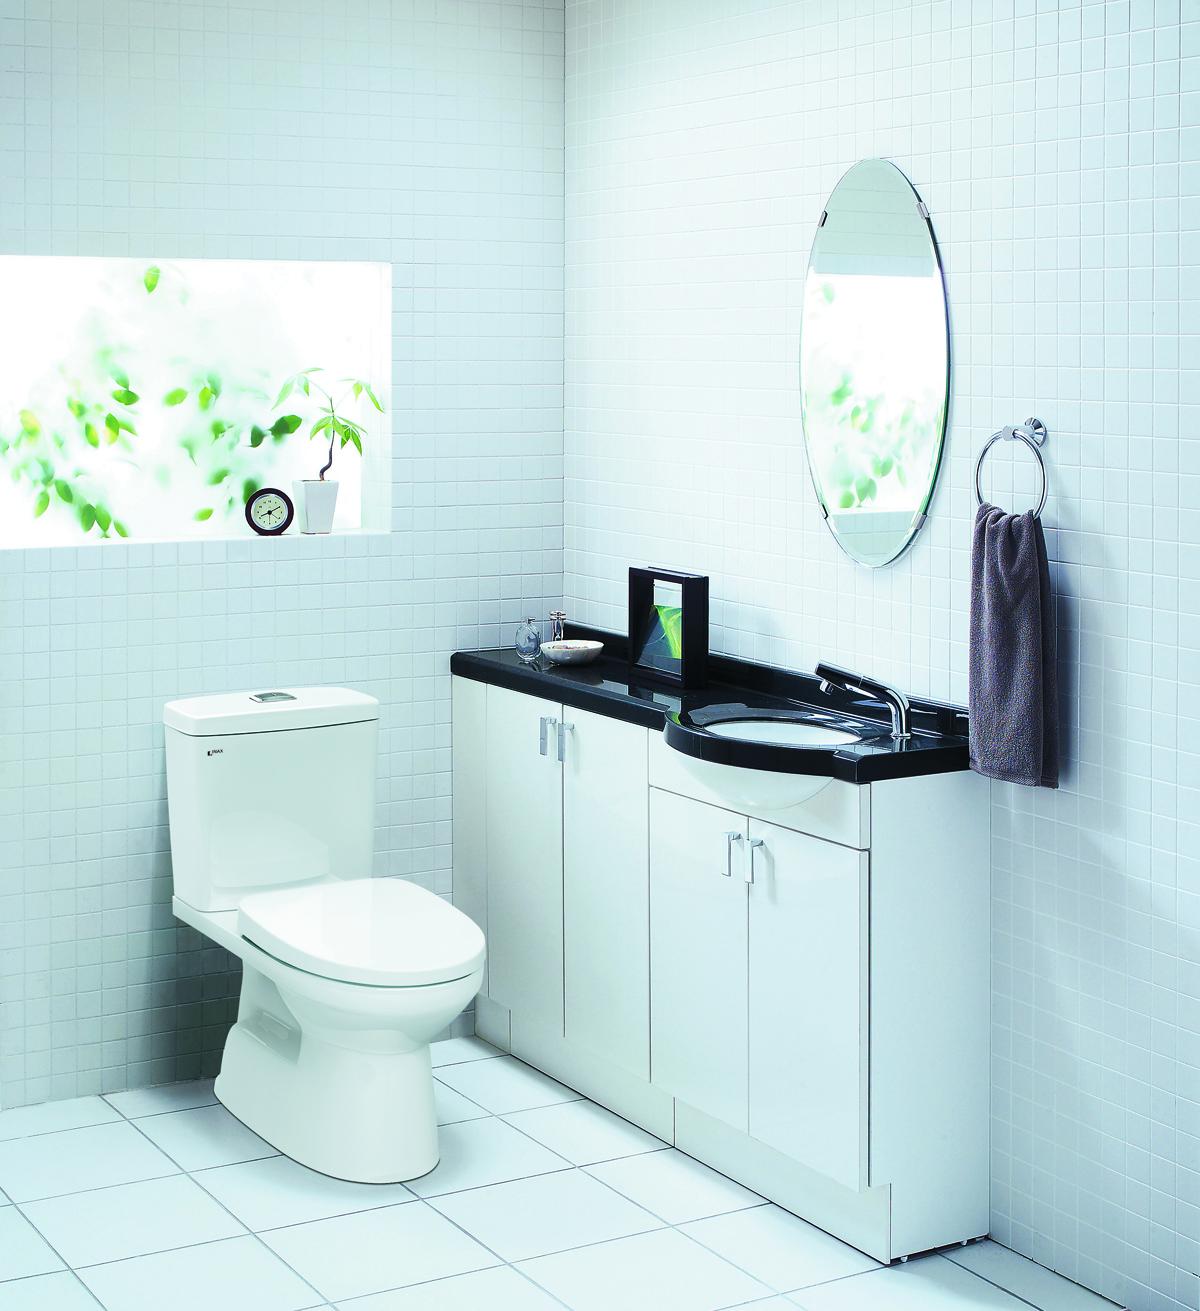 Sản phẩm INAX AC-504 phù hợp với nhiều kiểu không gian phòng tắm.